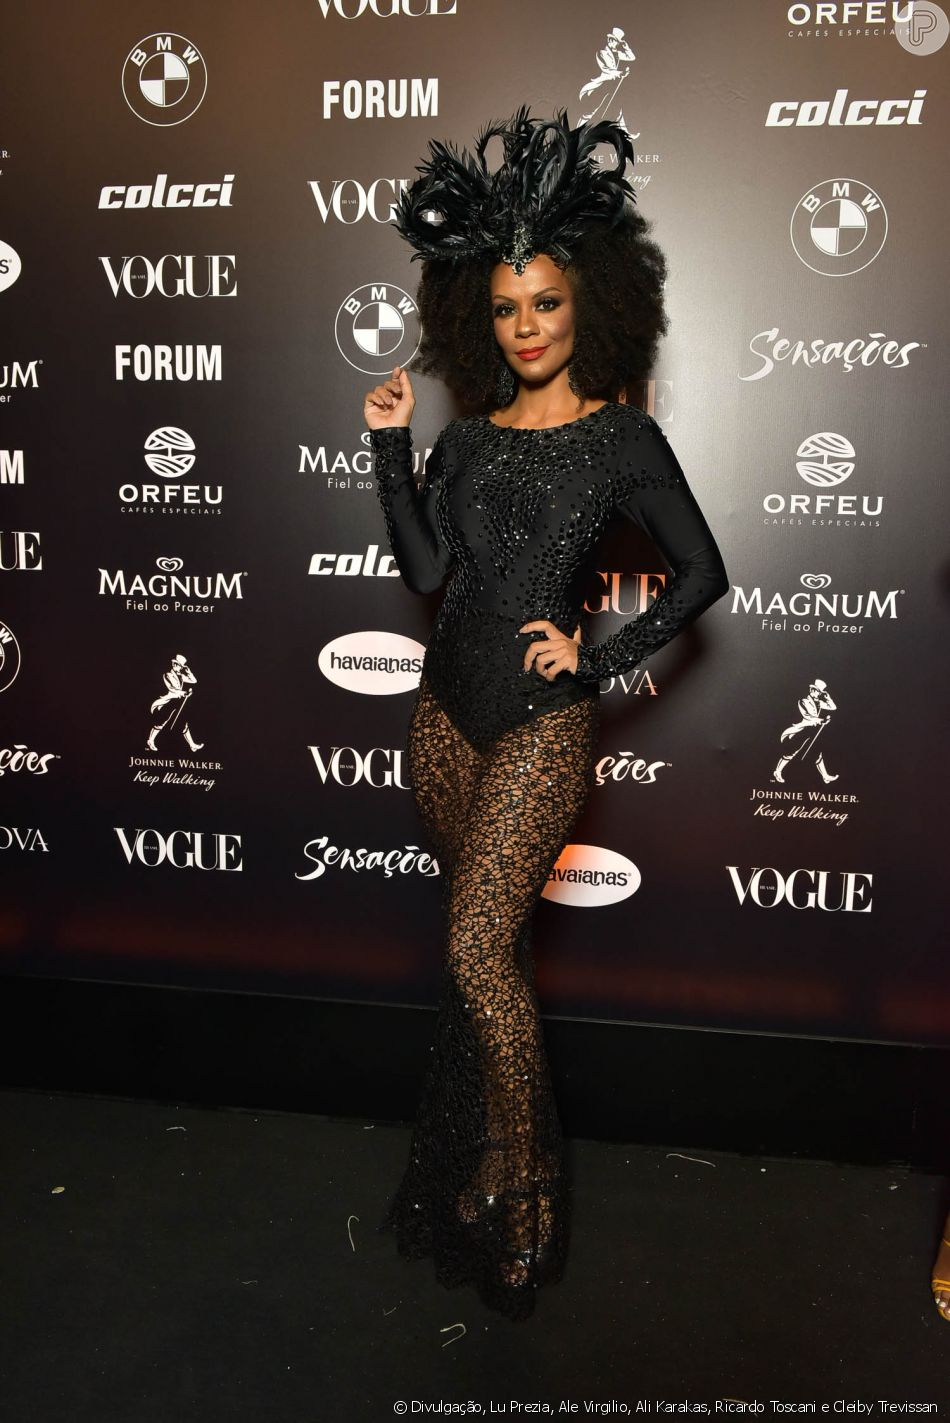 f459237e015b7 Baile da Vogue  Mariana Rodrigues de body bordado e e muita transparência  no look